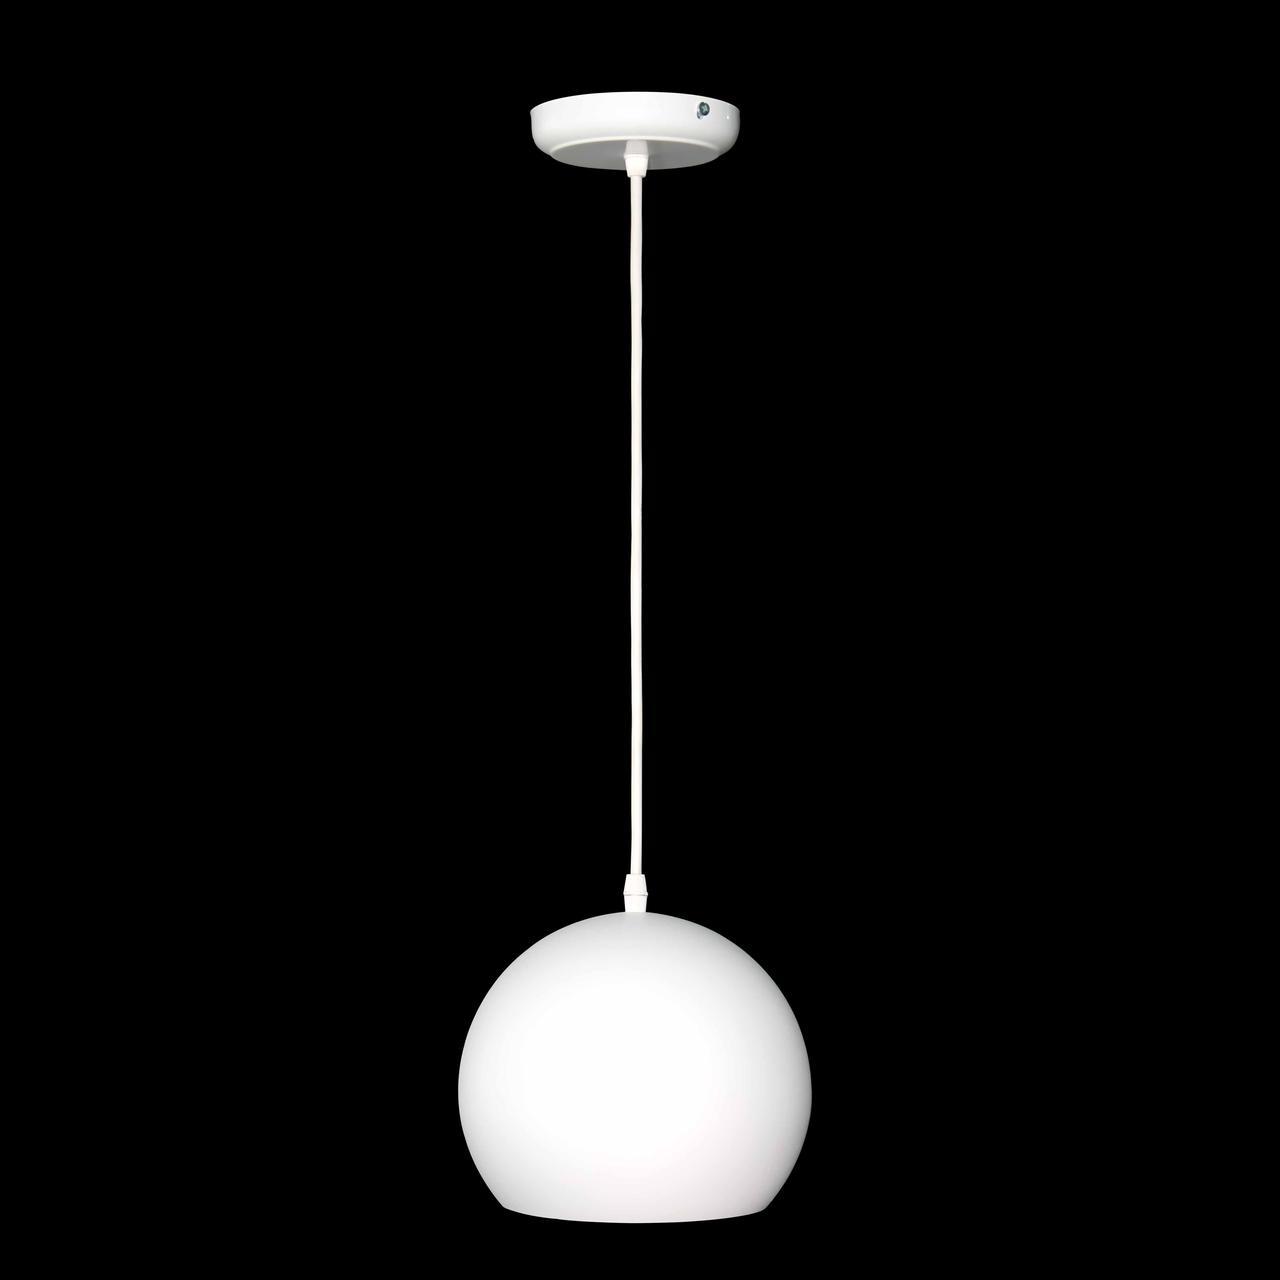 Светильник подвесной  Шар  NL 5320 W